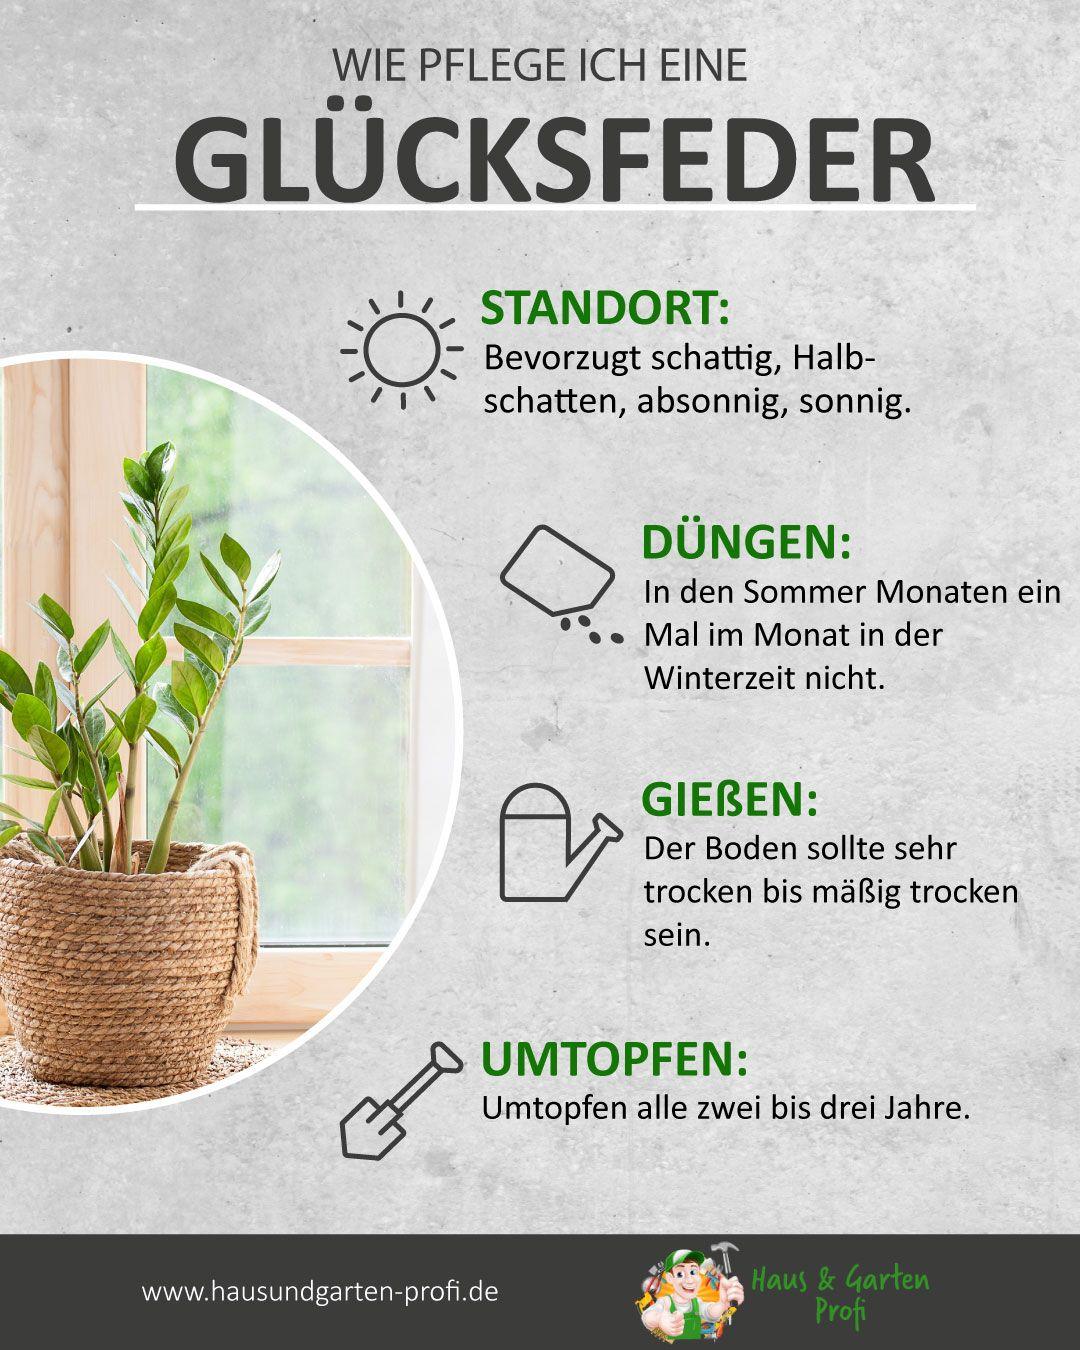 So Einfach Pflegen Sie Eine Glucksfeder Standort Dungen Giessen Umtopfen In 2020 Pflanzen Zimmerpflanzen Pflanzideen